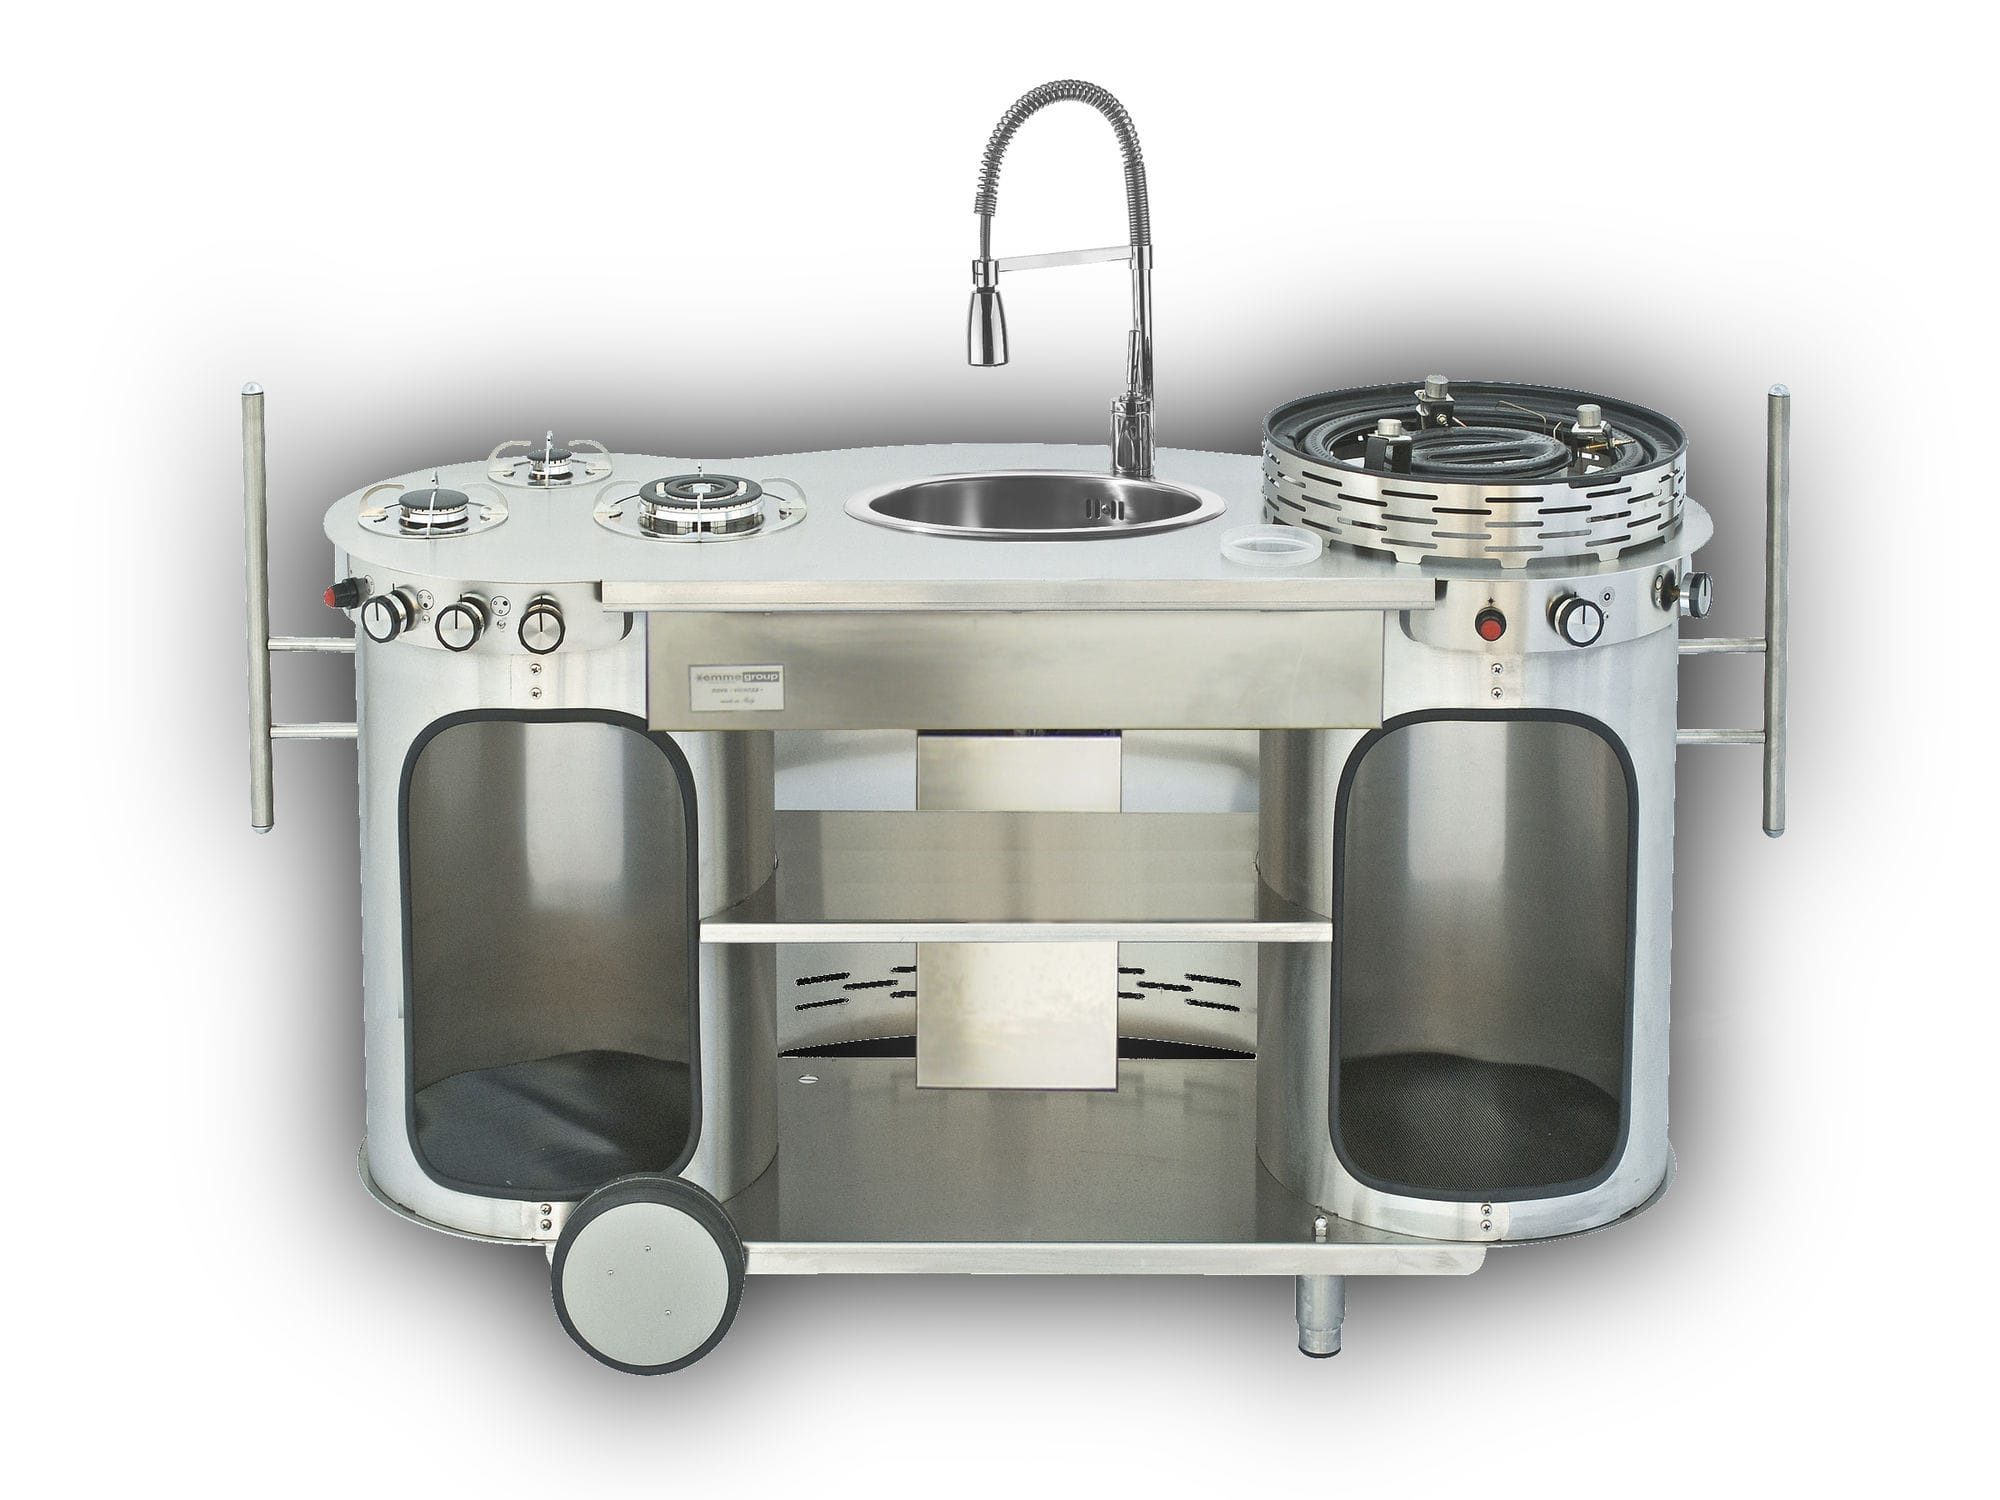 Mobili Cucina Professionale Acciaio.Cucina Professionale In Acciaio Inox Compatta Mobile